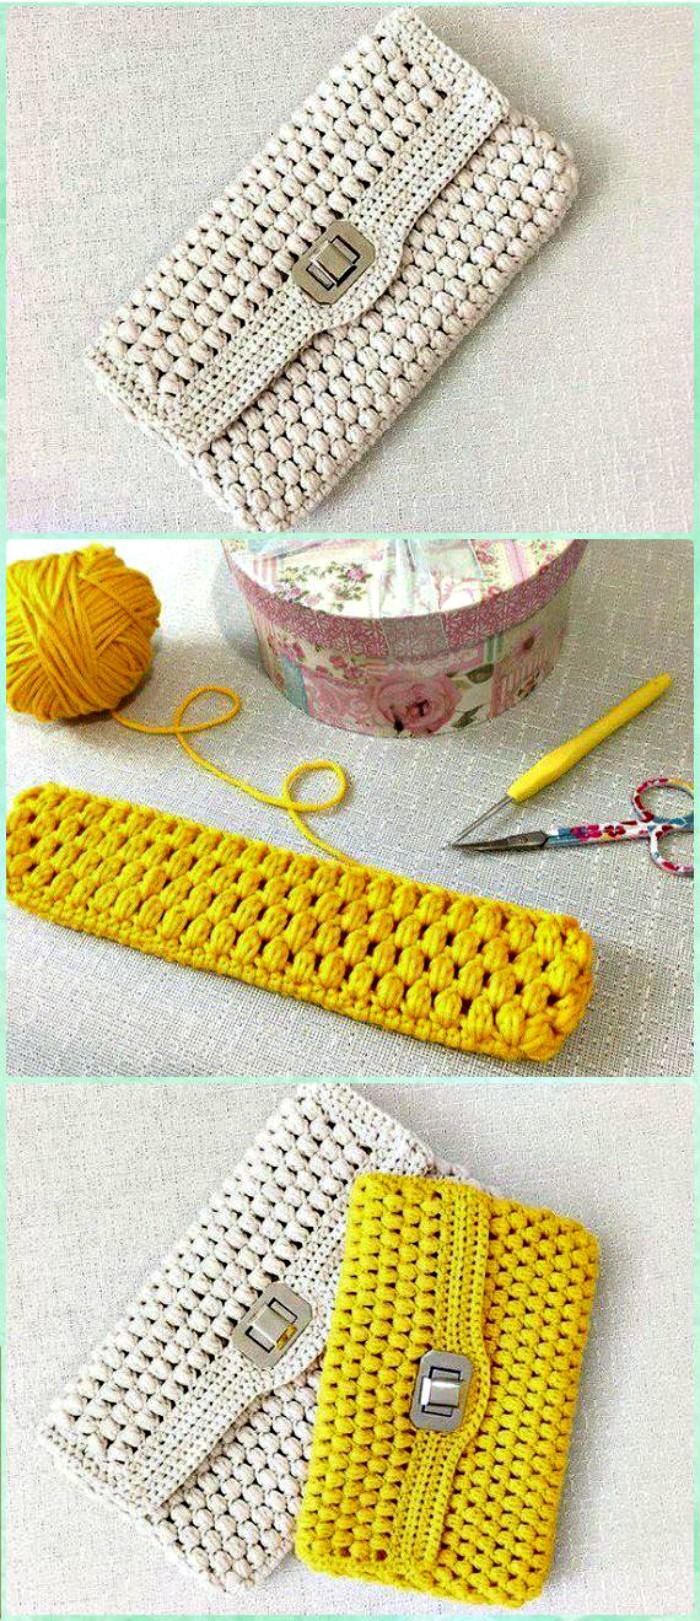 Crochet Puff Clutch crochet clutch bag